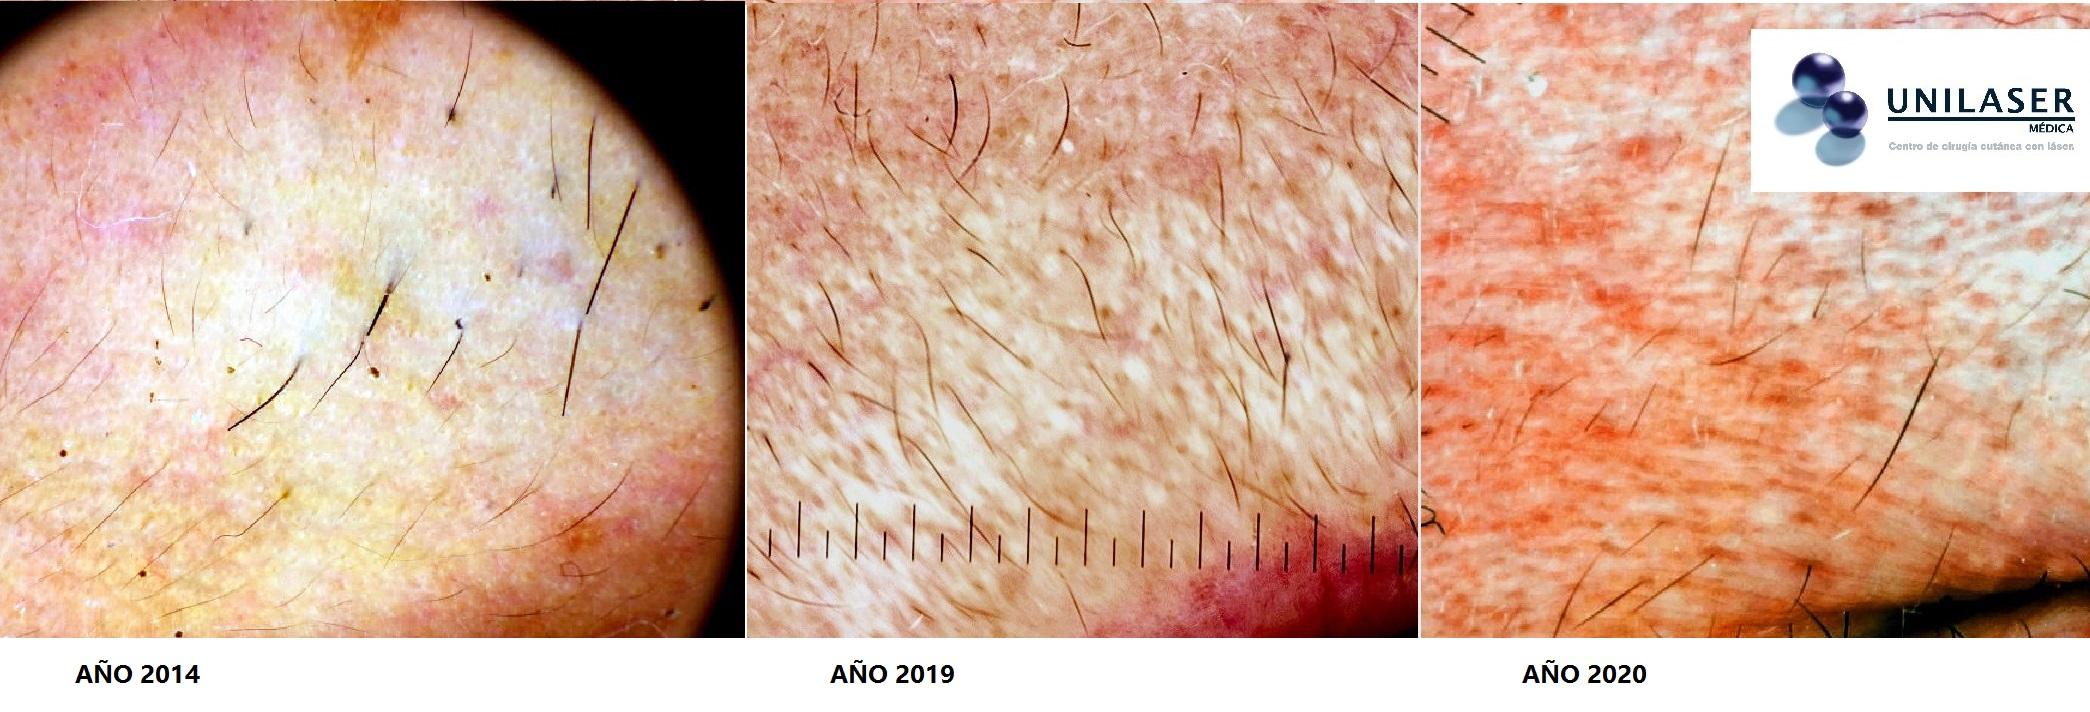 Resultados tratamiento láser Primelase y Candela 755